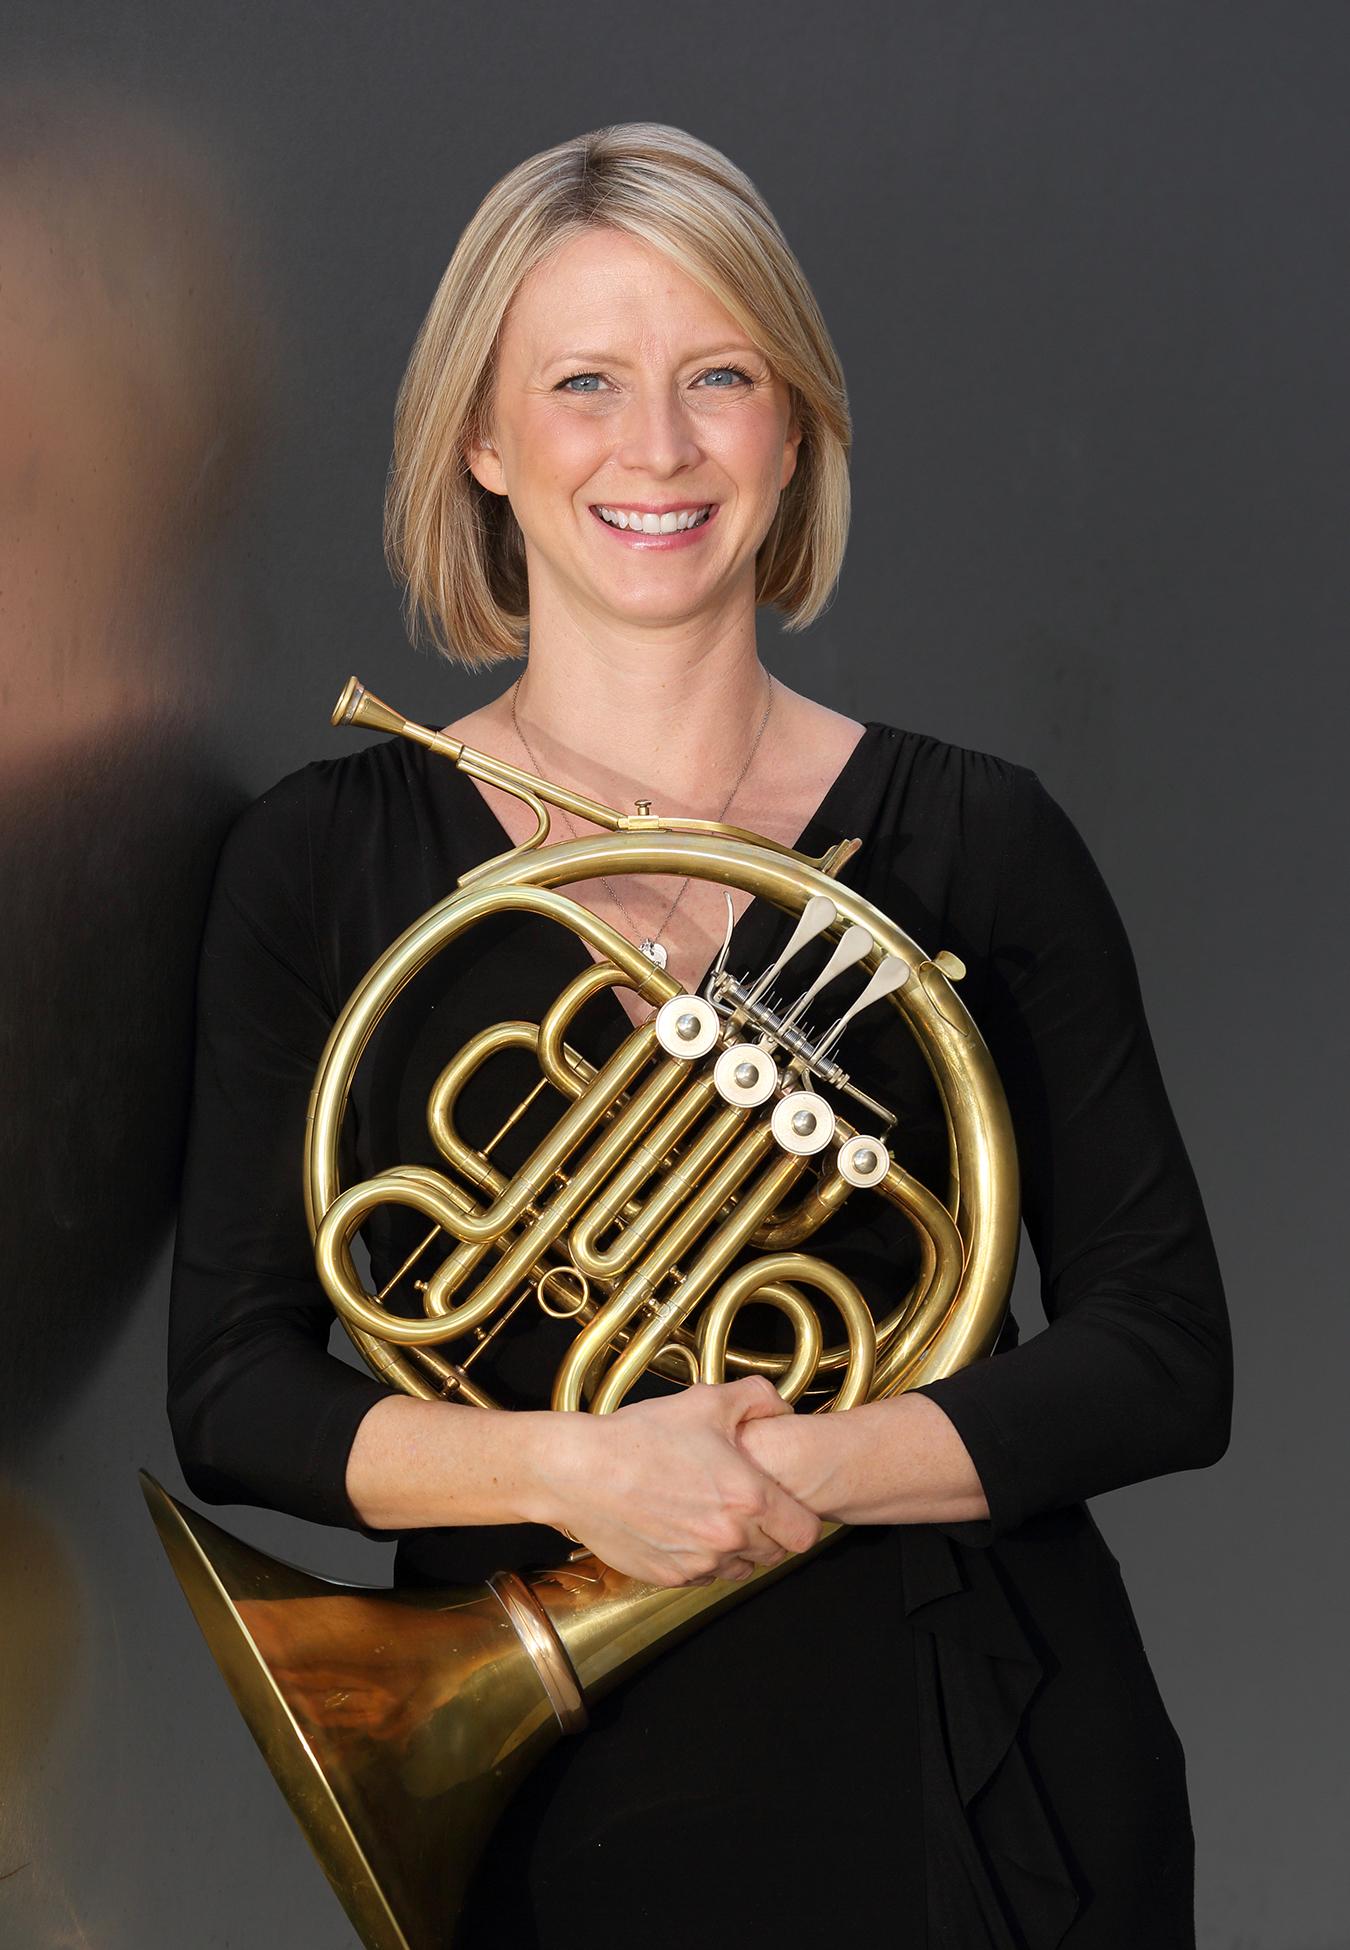 Amy Jo Rhine